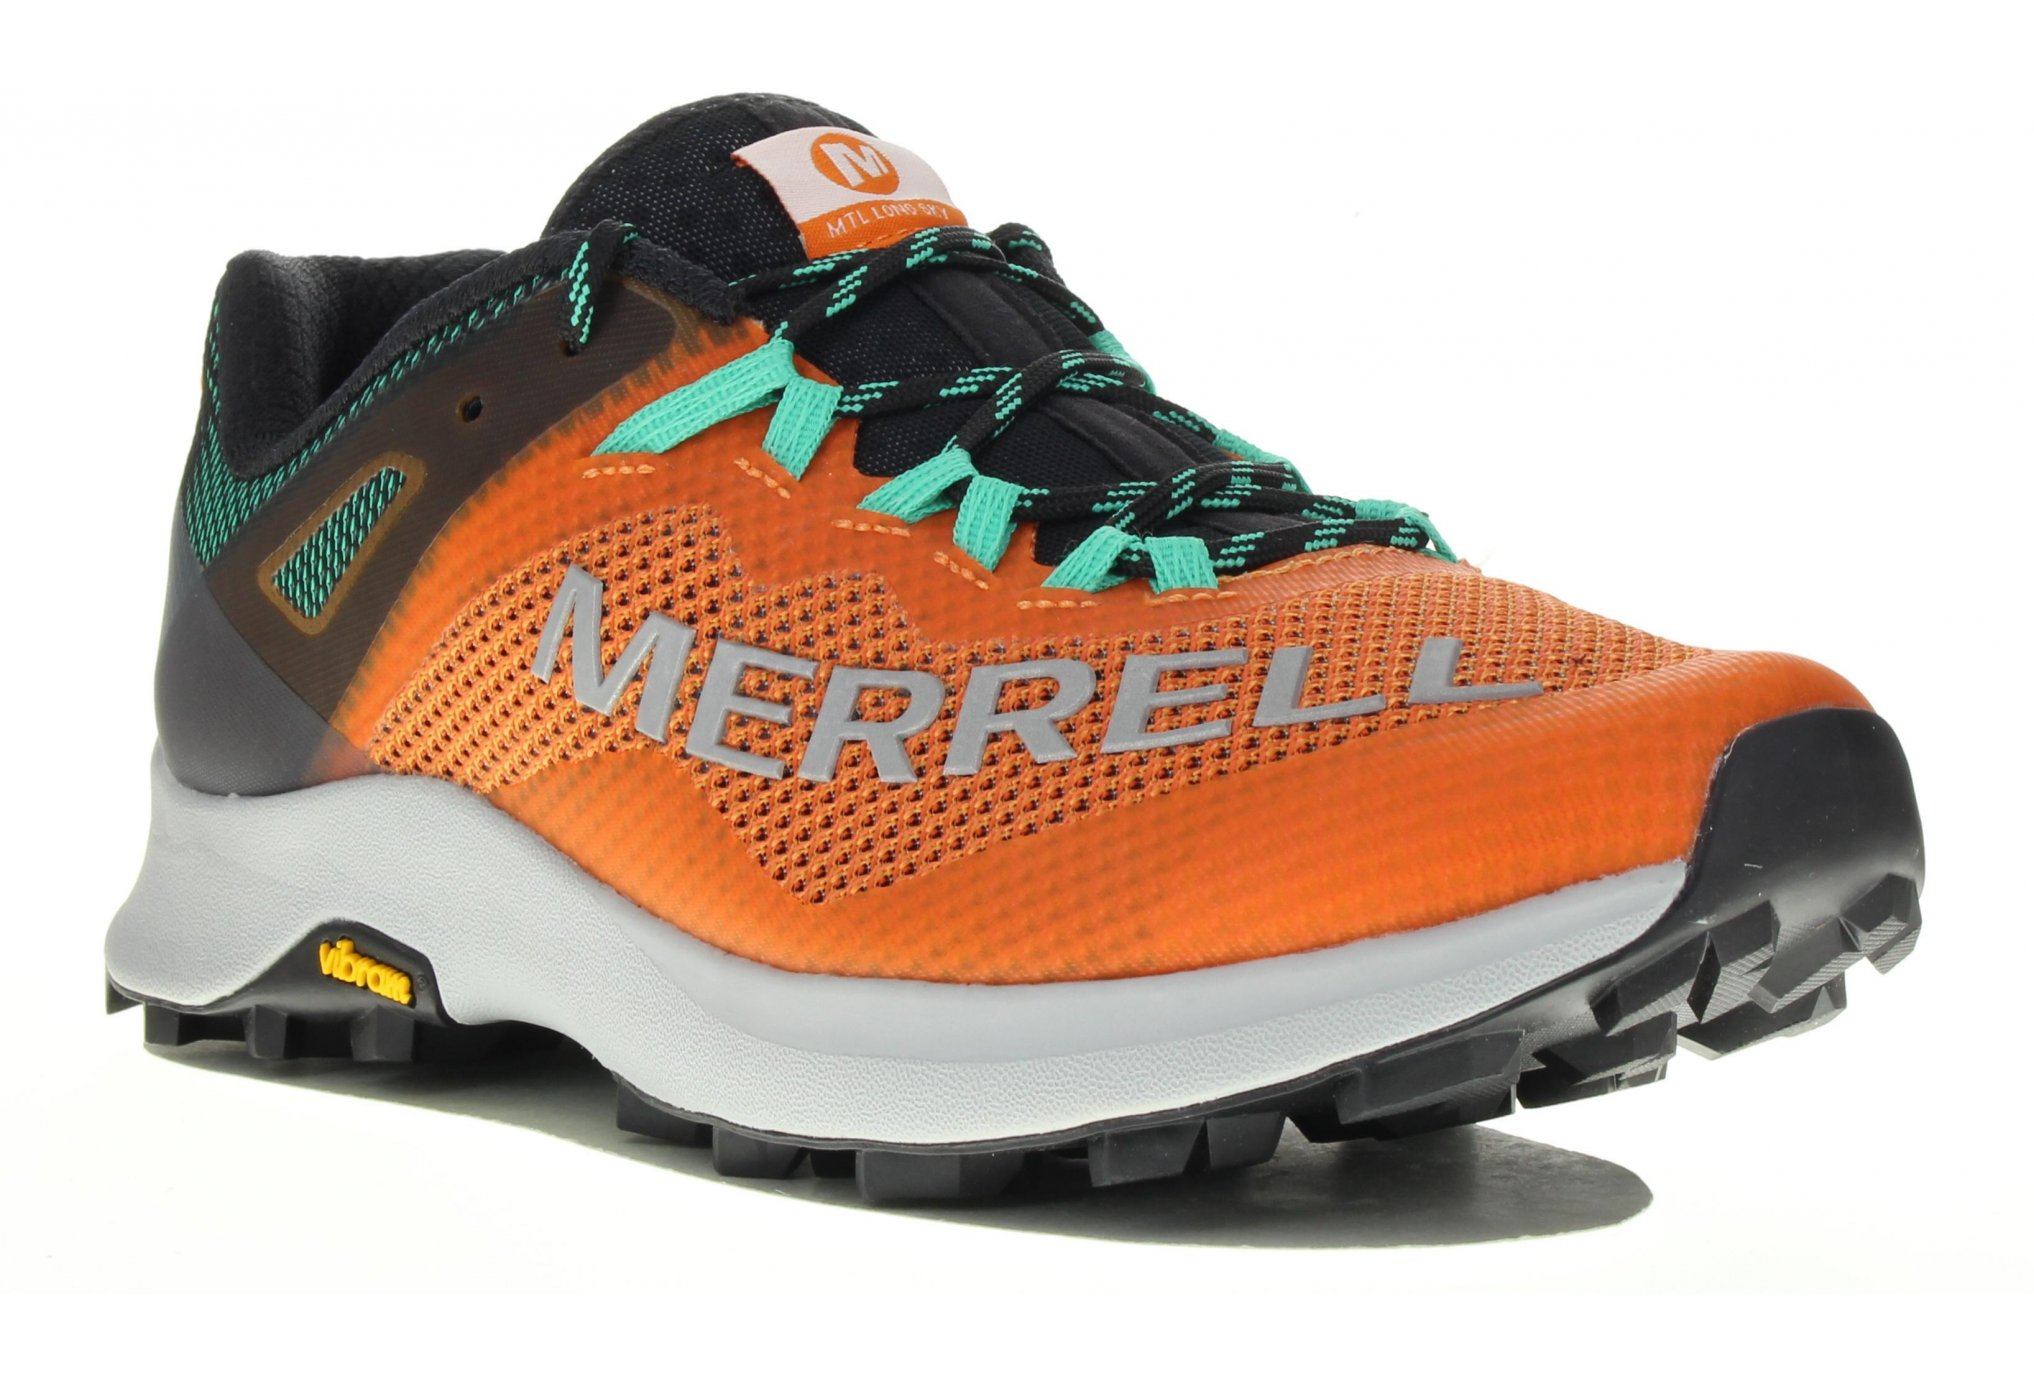 Merrell MTL Long Sky W Diététique Chaussures femme